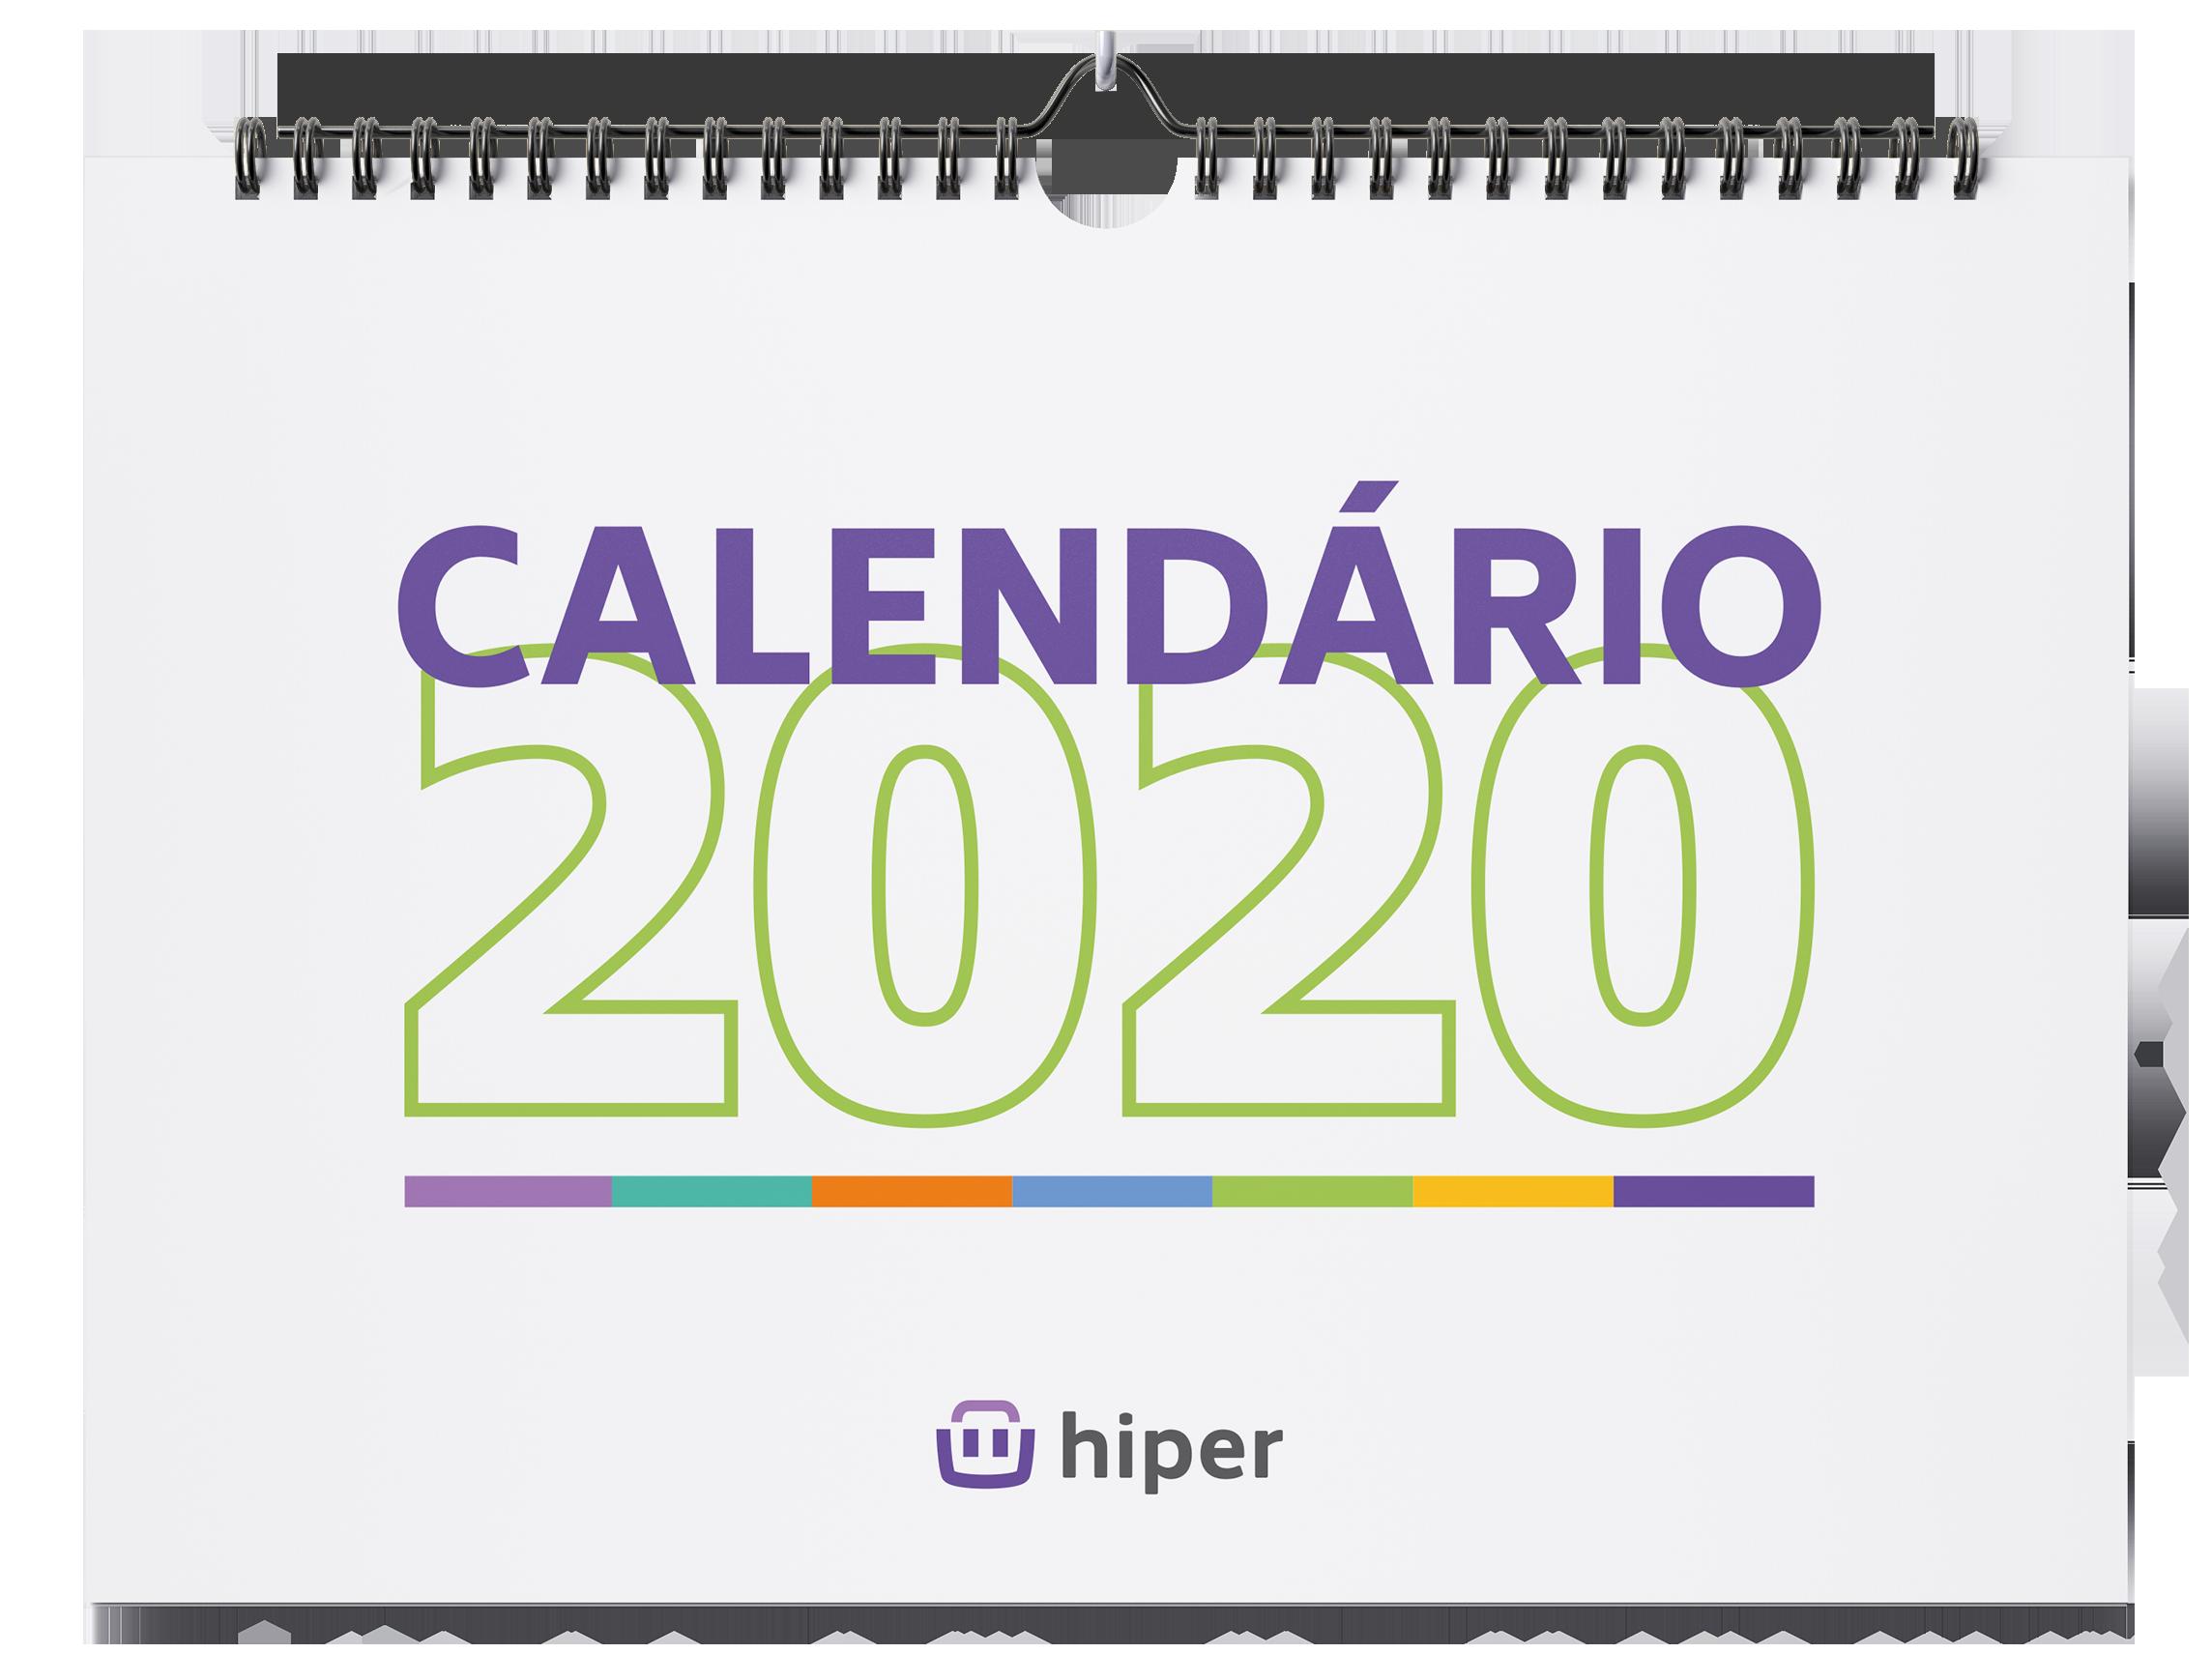 Calendário e as datas  para o varejo 2020